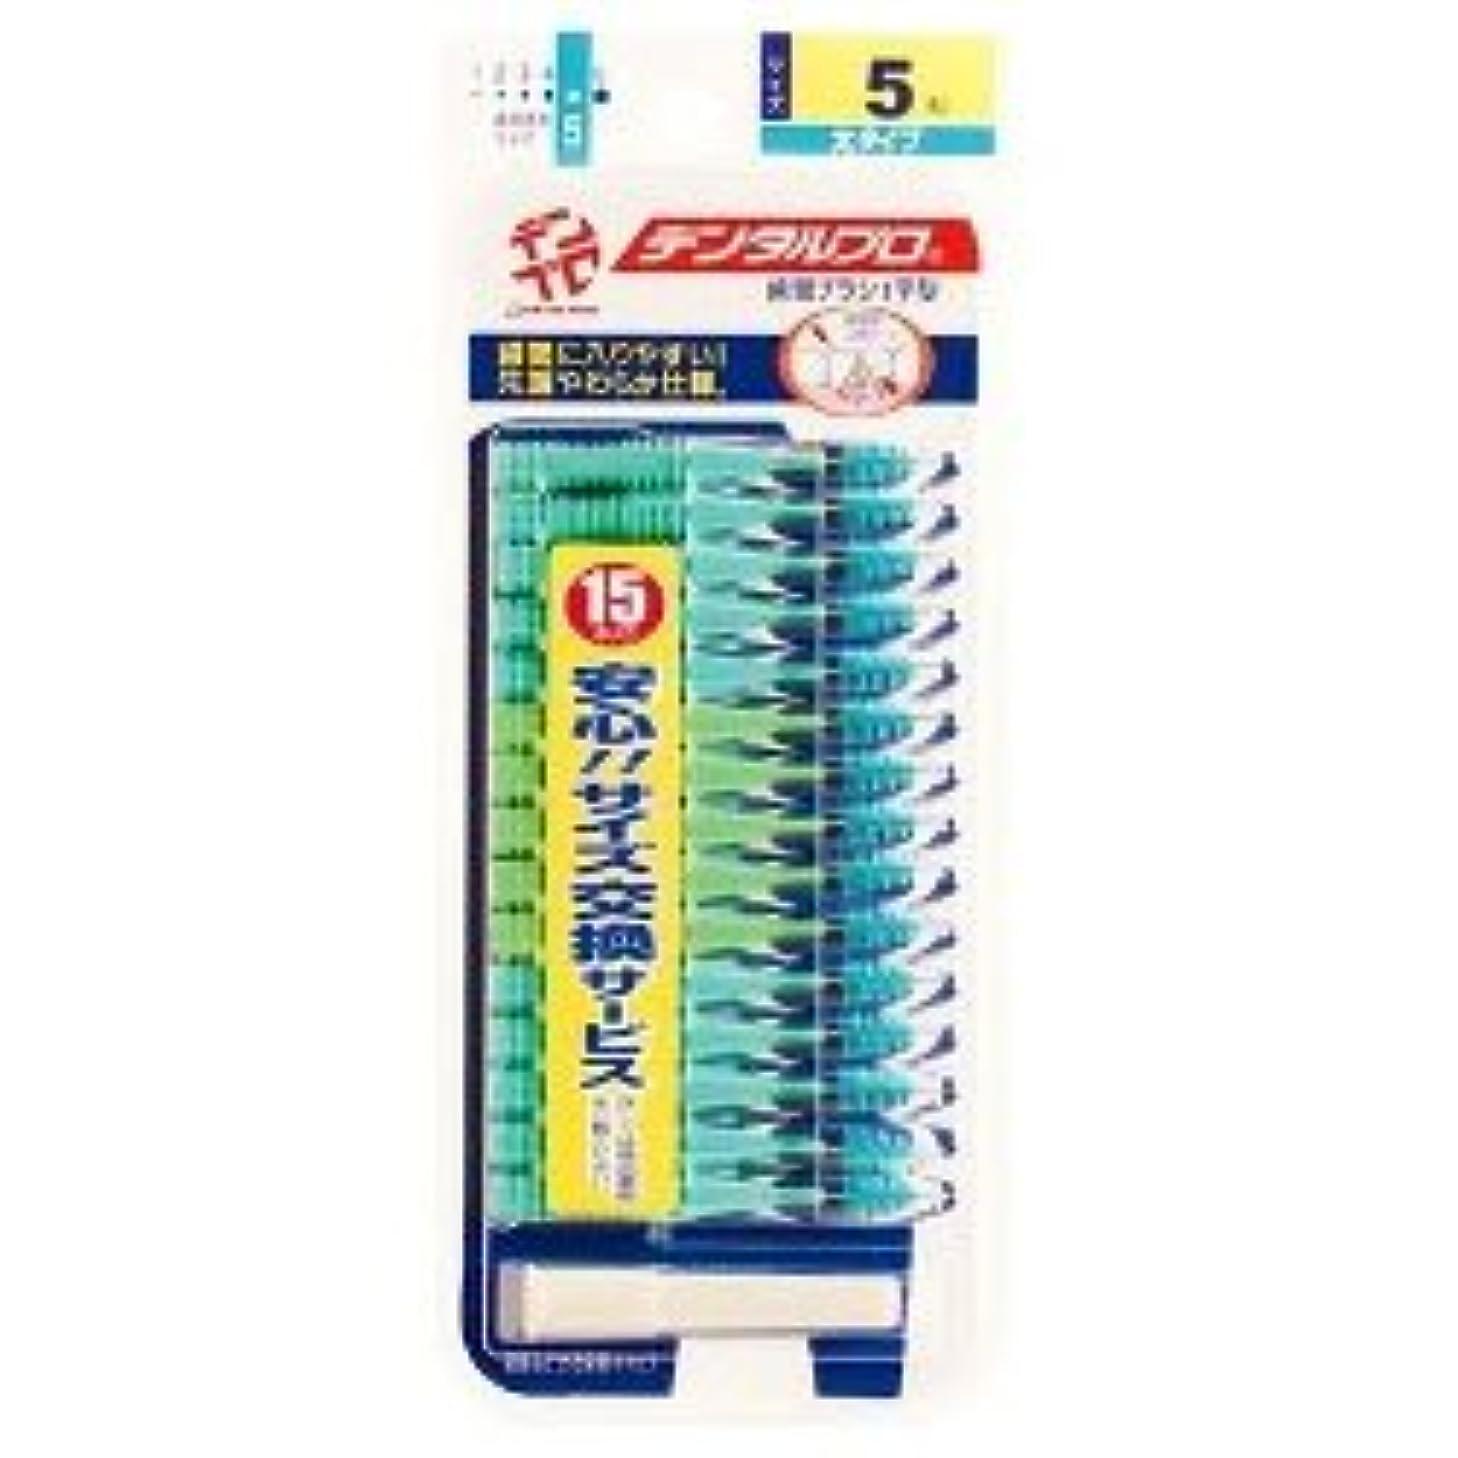 パール連続した前奏曲【デンタルプロ】デンタルプロ 歯間ブラシ サイズ5-L 15本入 ×3個セット